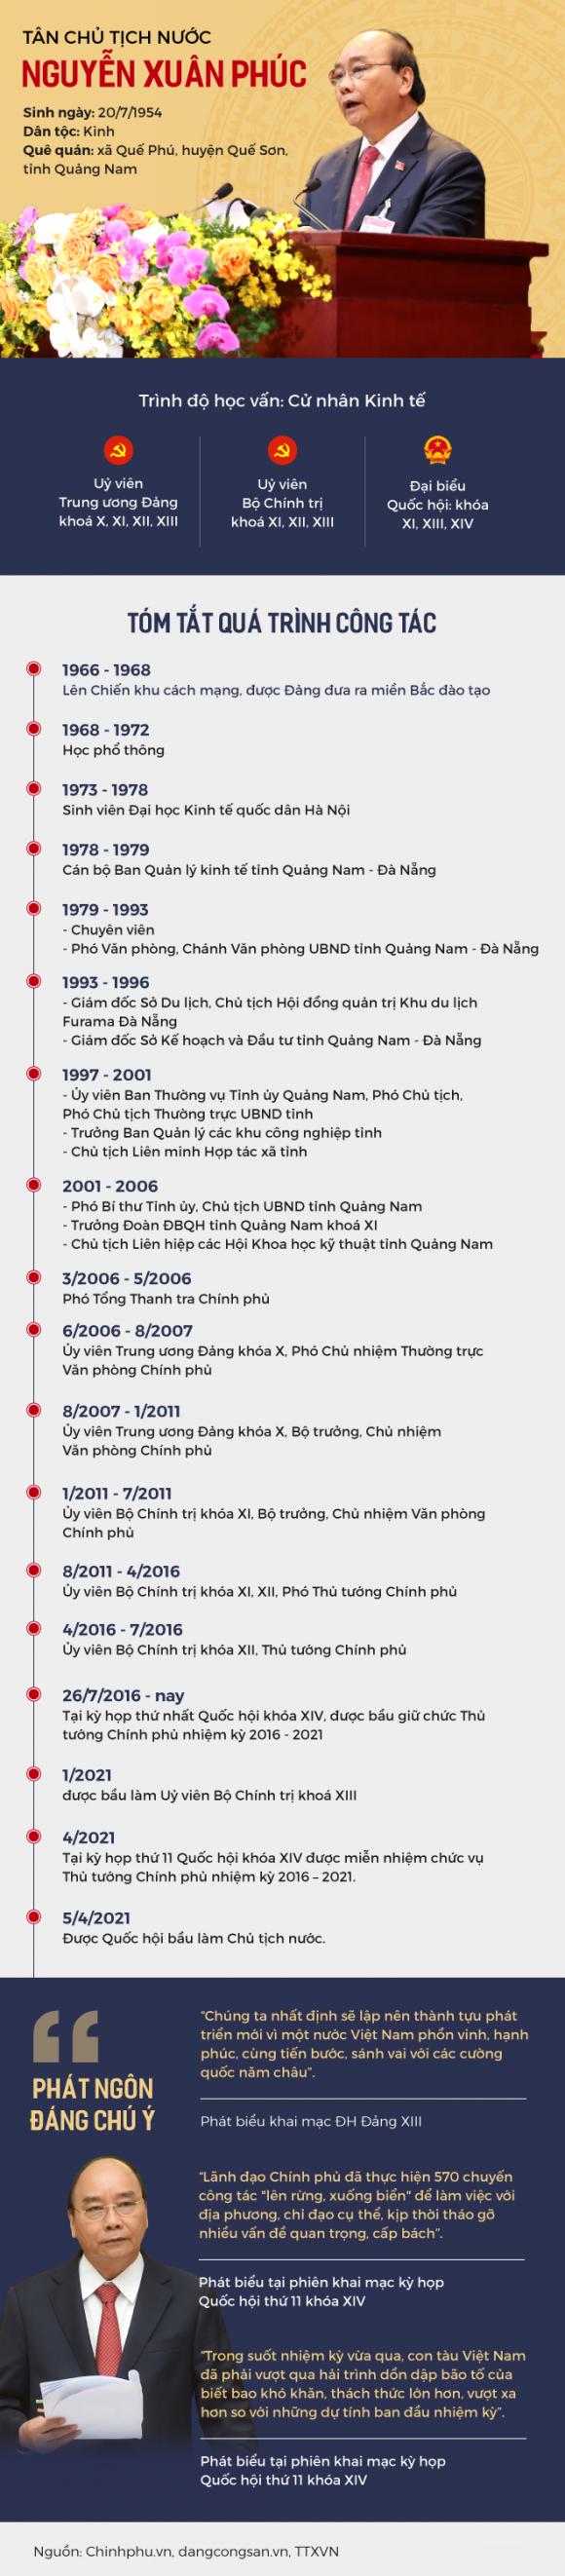 Con đường sự nghiệp của tân Chủ tịch nước Nguyễn Xuân Phúc - Ảnh 1.